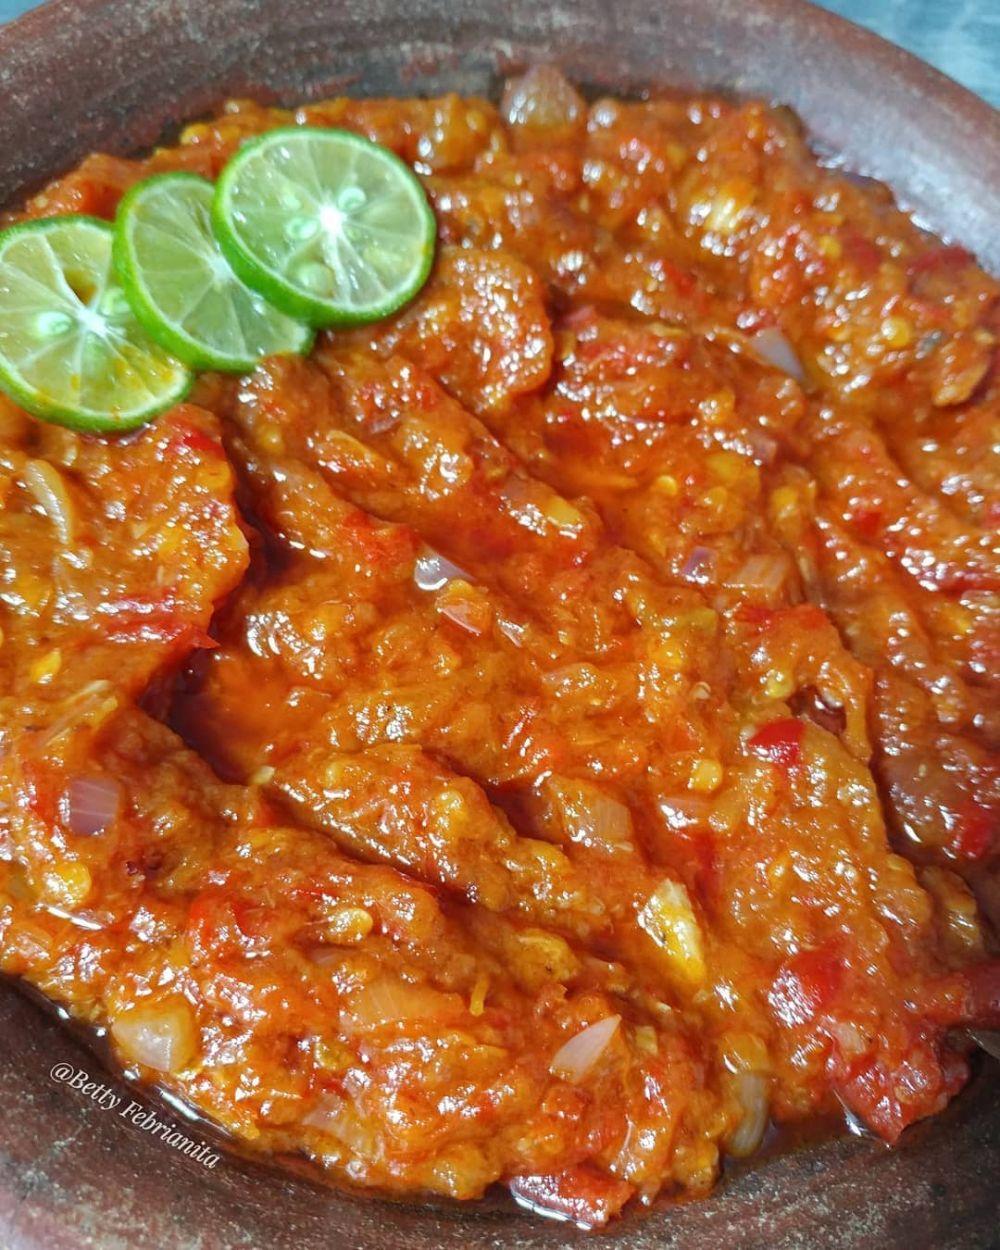 35 Resep sambal khas nusantara, menggugah selera  istimewa